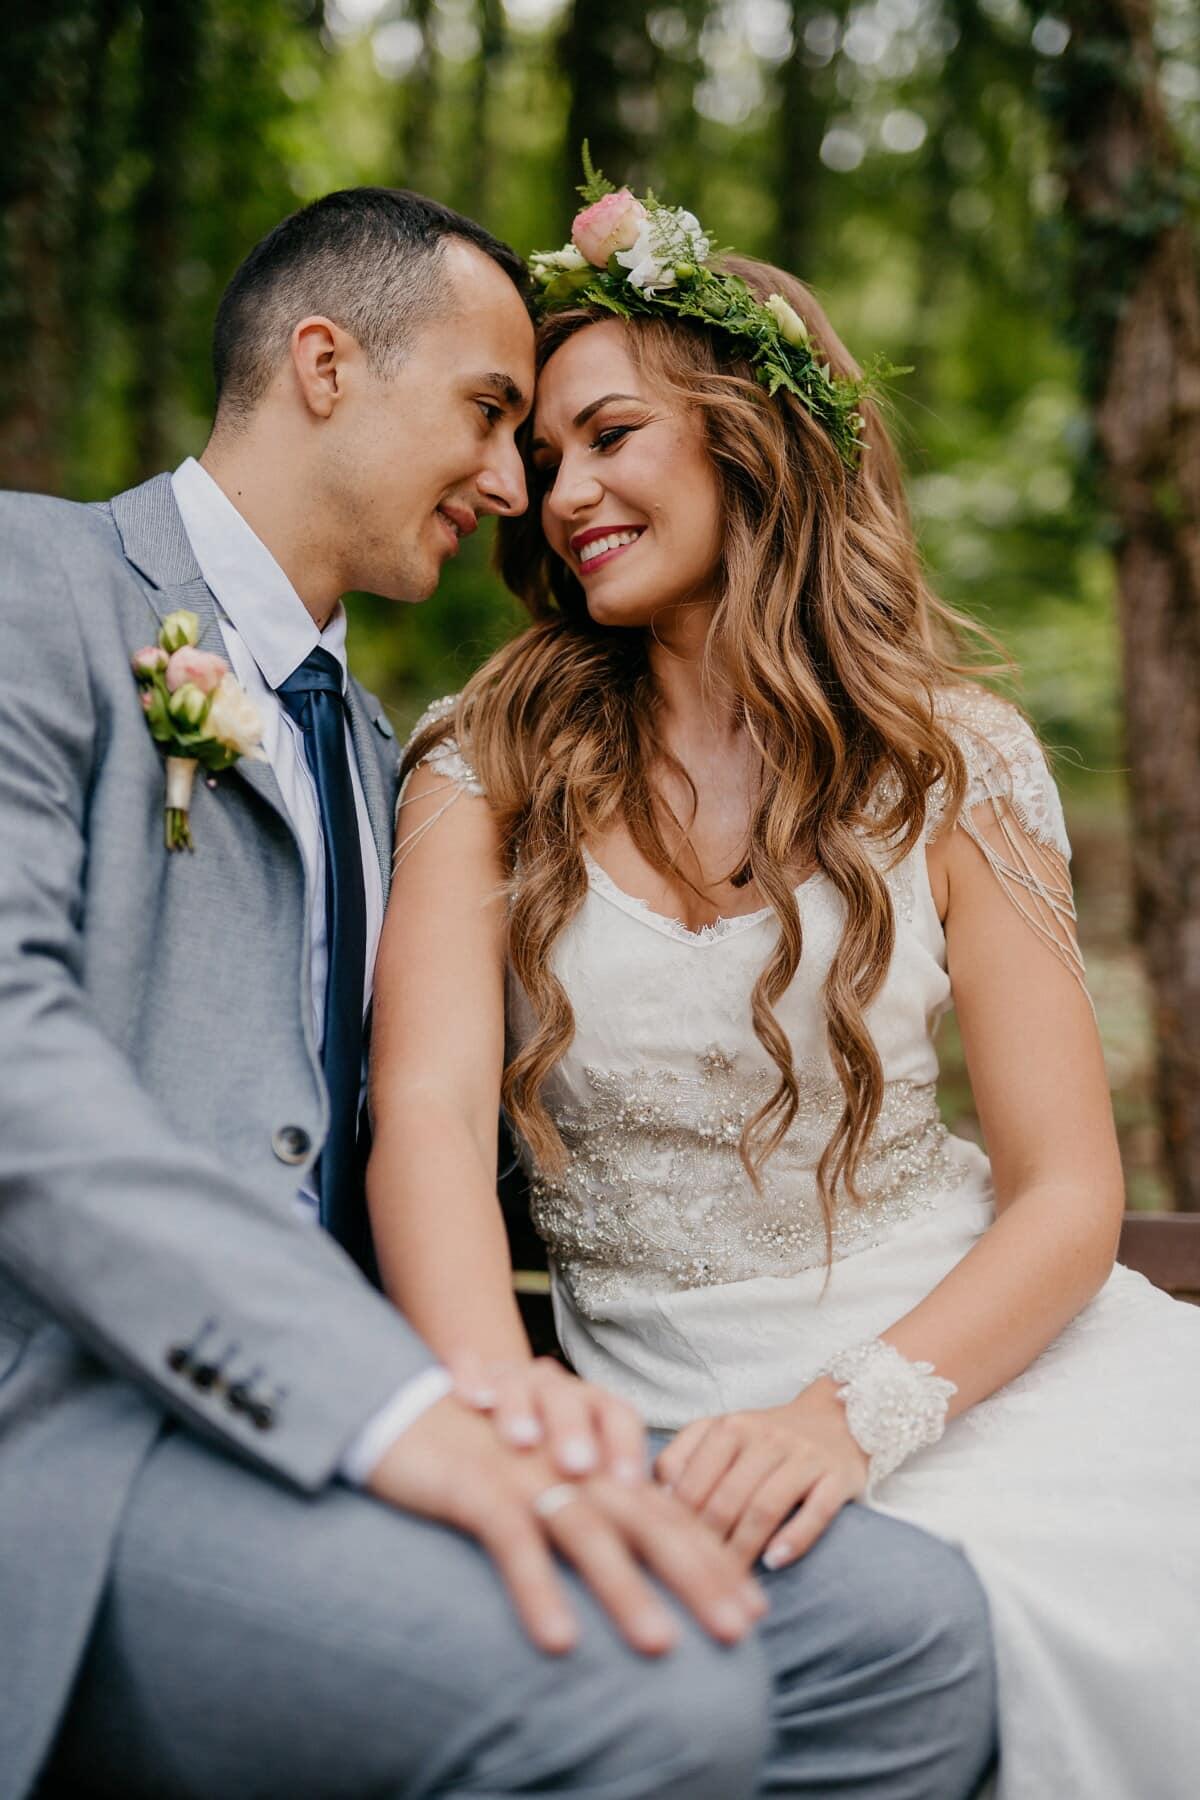 jeune marié, la mariée, assis, main dans la main, baiser, ensemble, bonheur, mariage, homme, amour